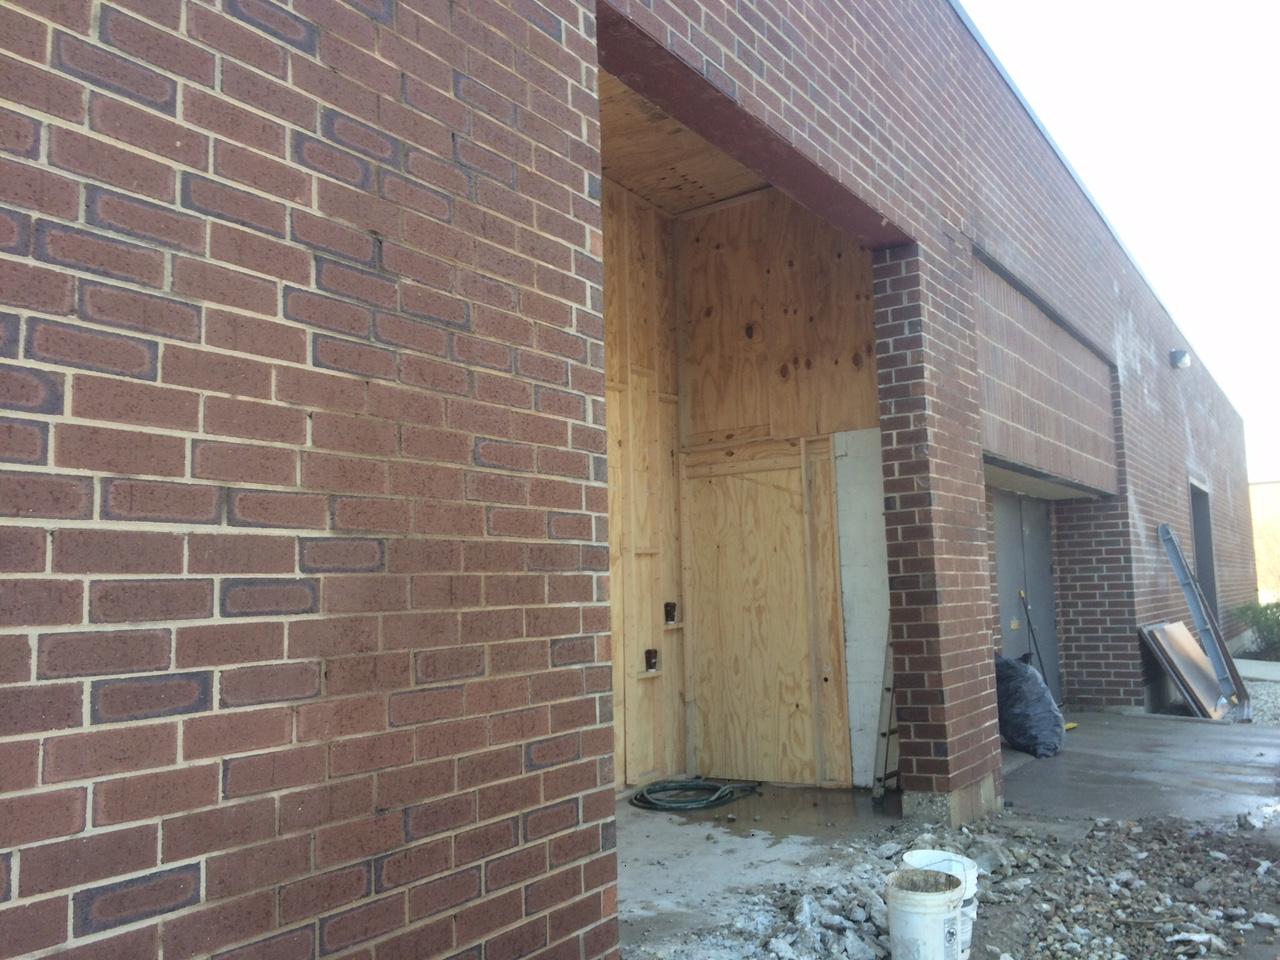 Overhead Door Rough Opening Block Wall The Garage Journal Board